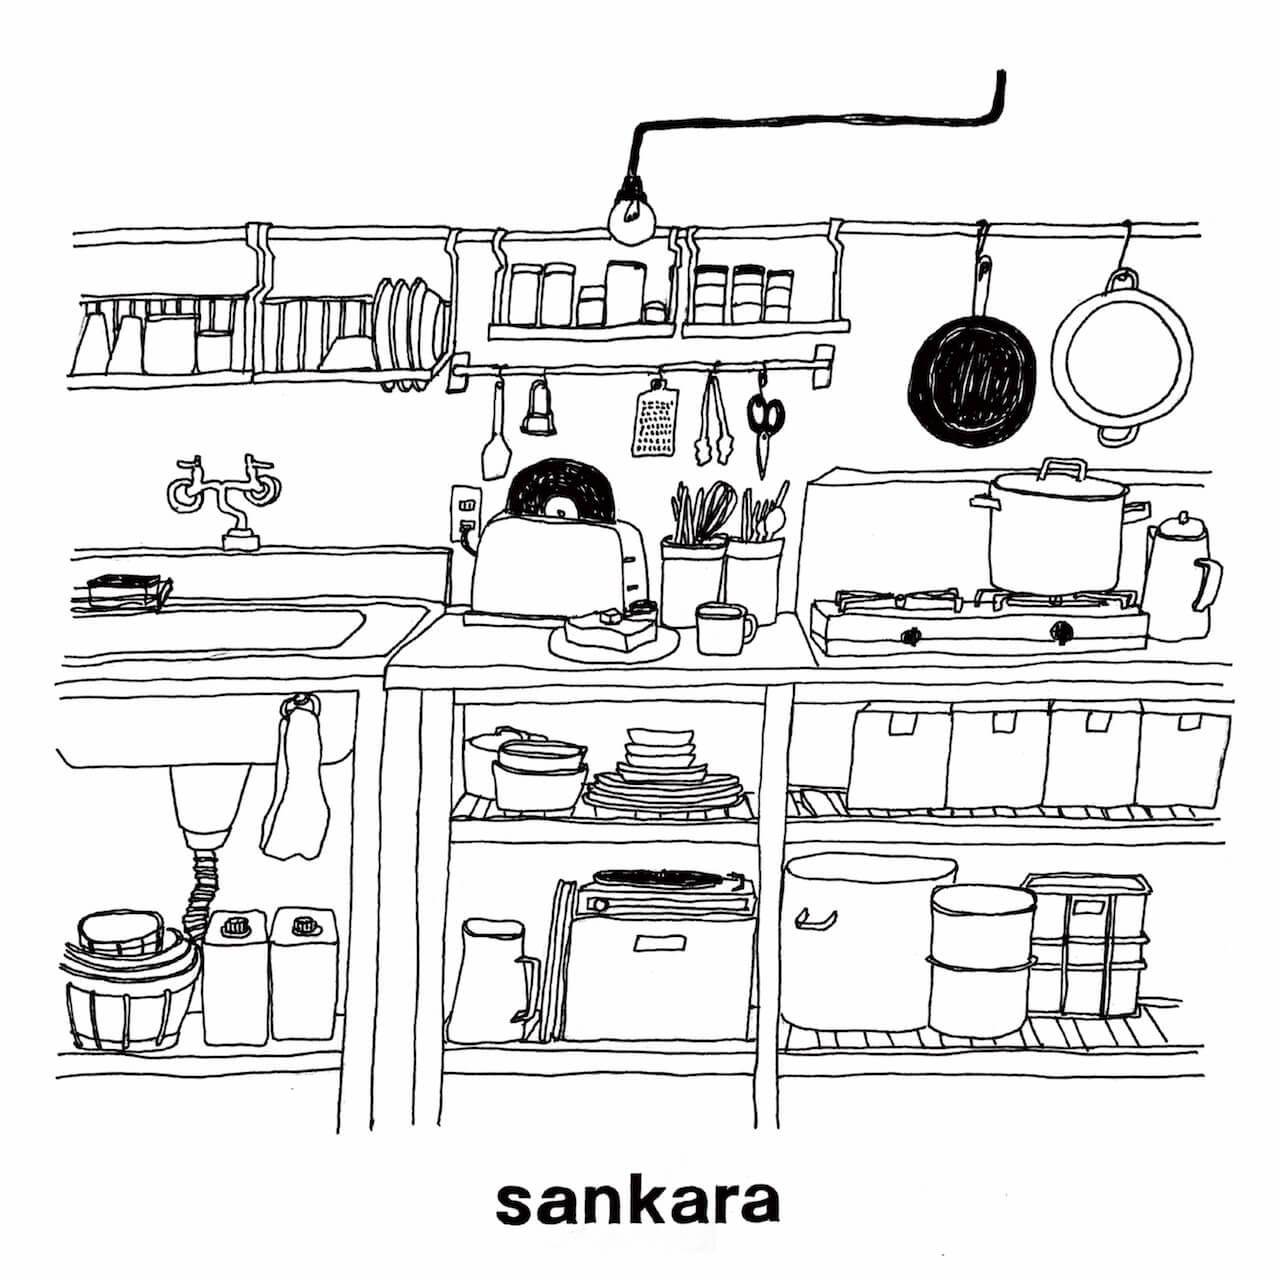 リアルをアートに。ヒップホップを根に持つユニットsankaraが伝えたいこととは interview190615-sankara-2